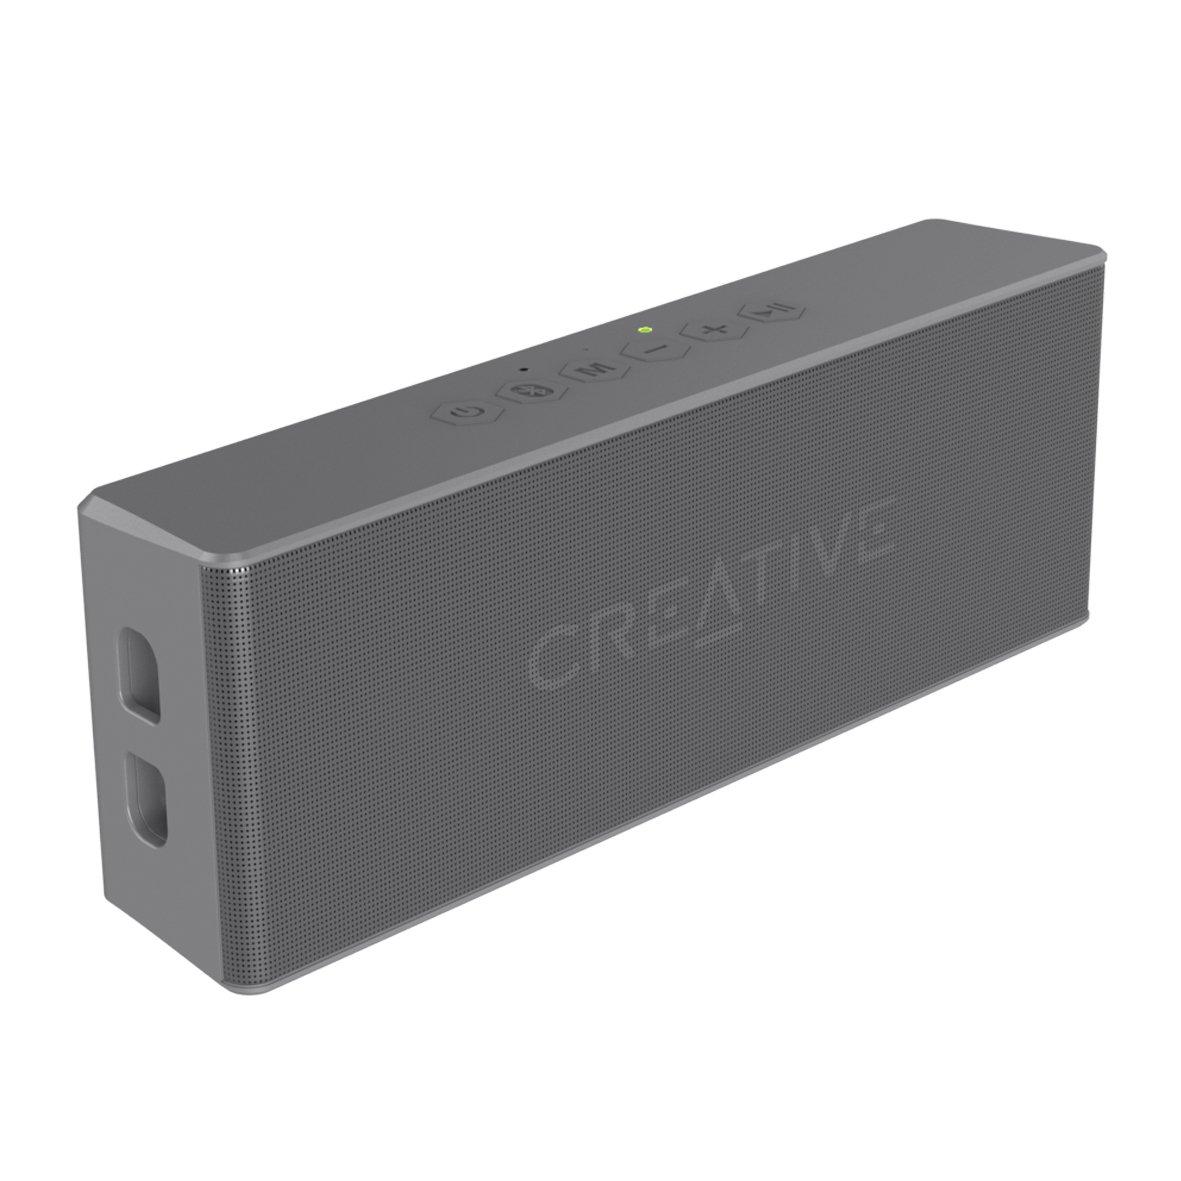 CREATIVE MUVO 2 Altoparlante Bluetooth, Potente, Resistente agli Spruzzi, Nero 51MF8255AA000